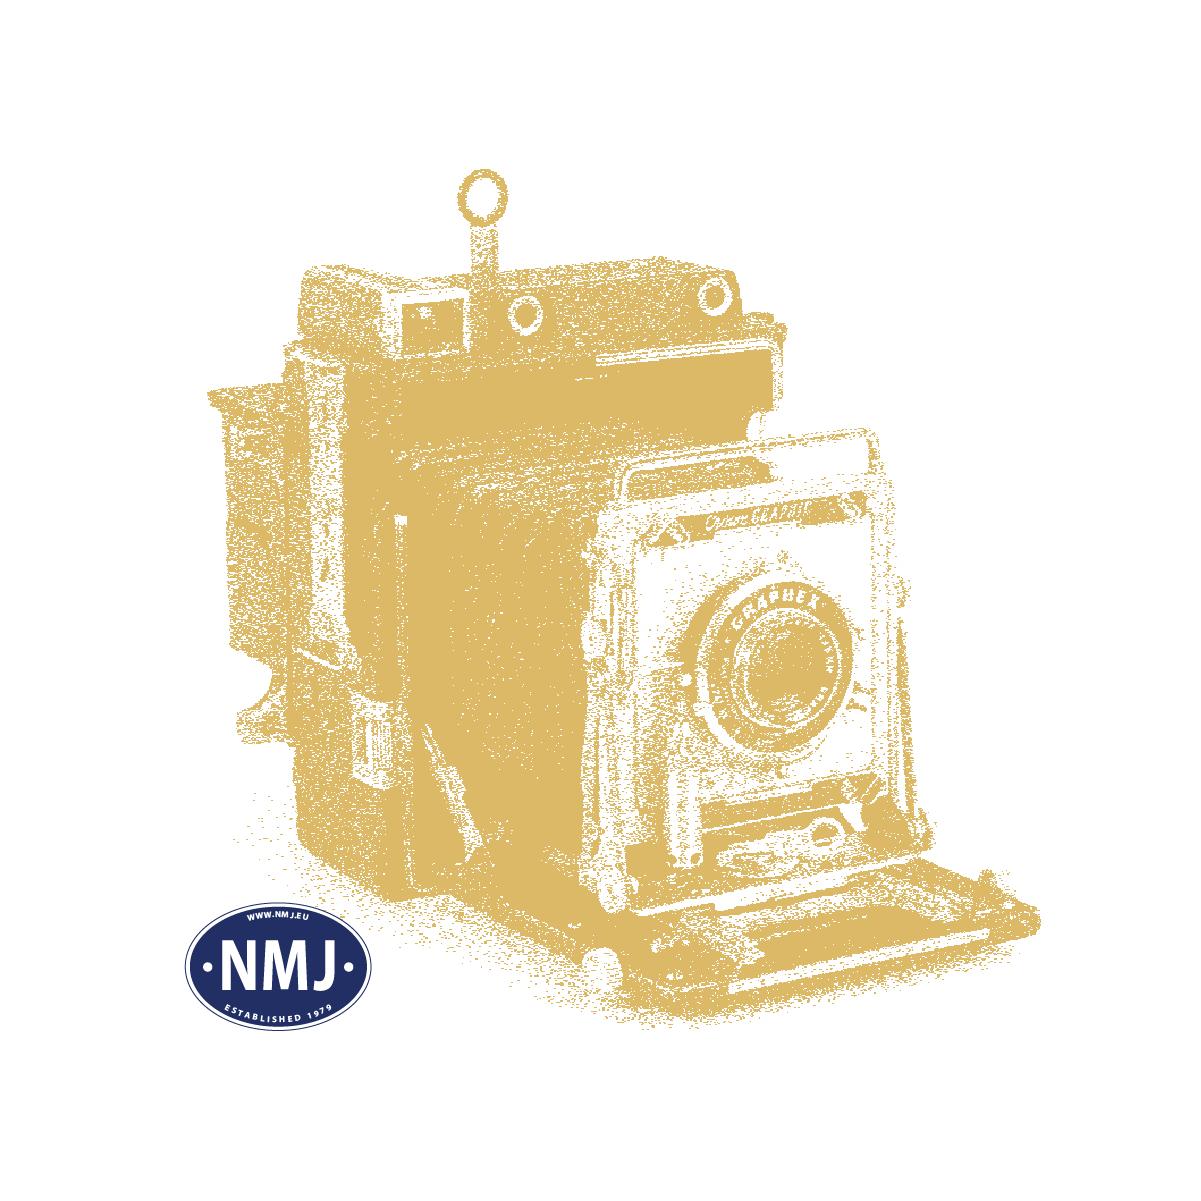 NOC15025 - Teknikkere